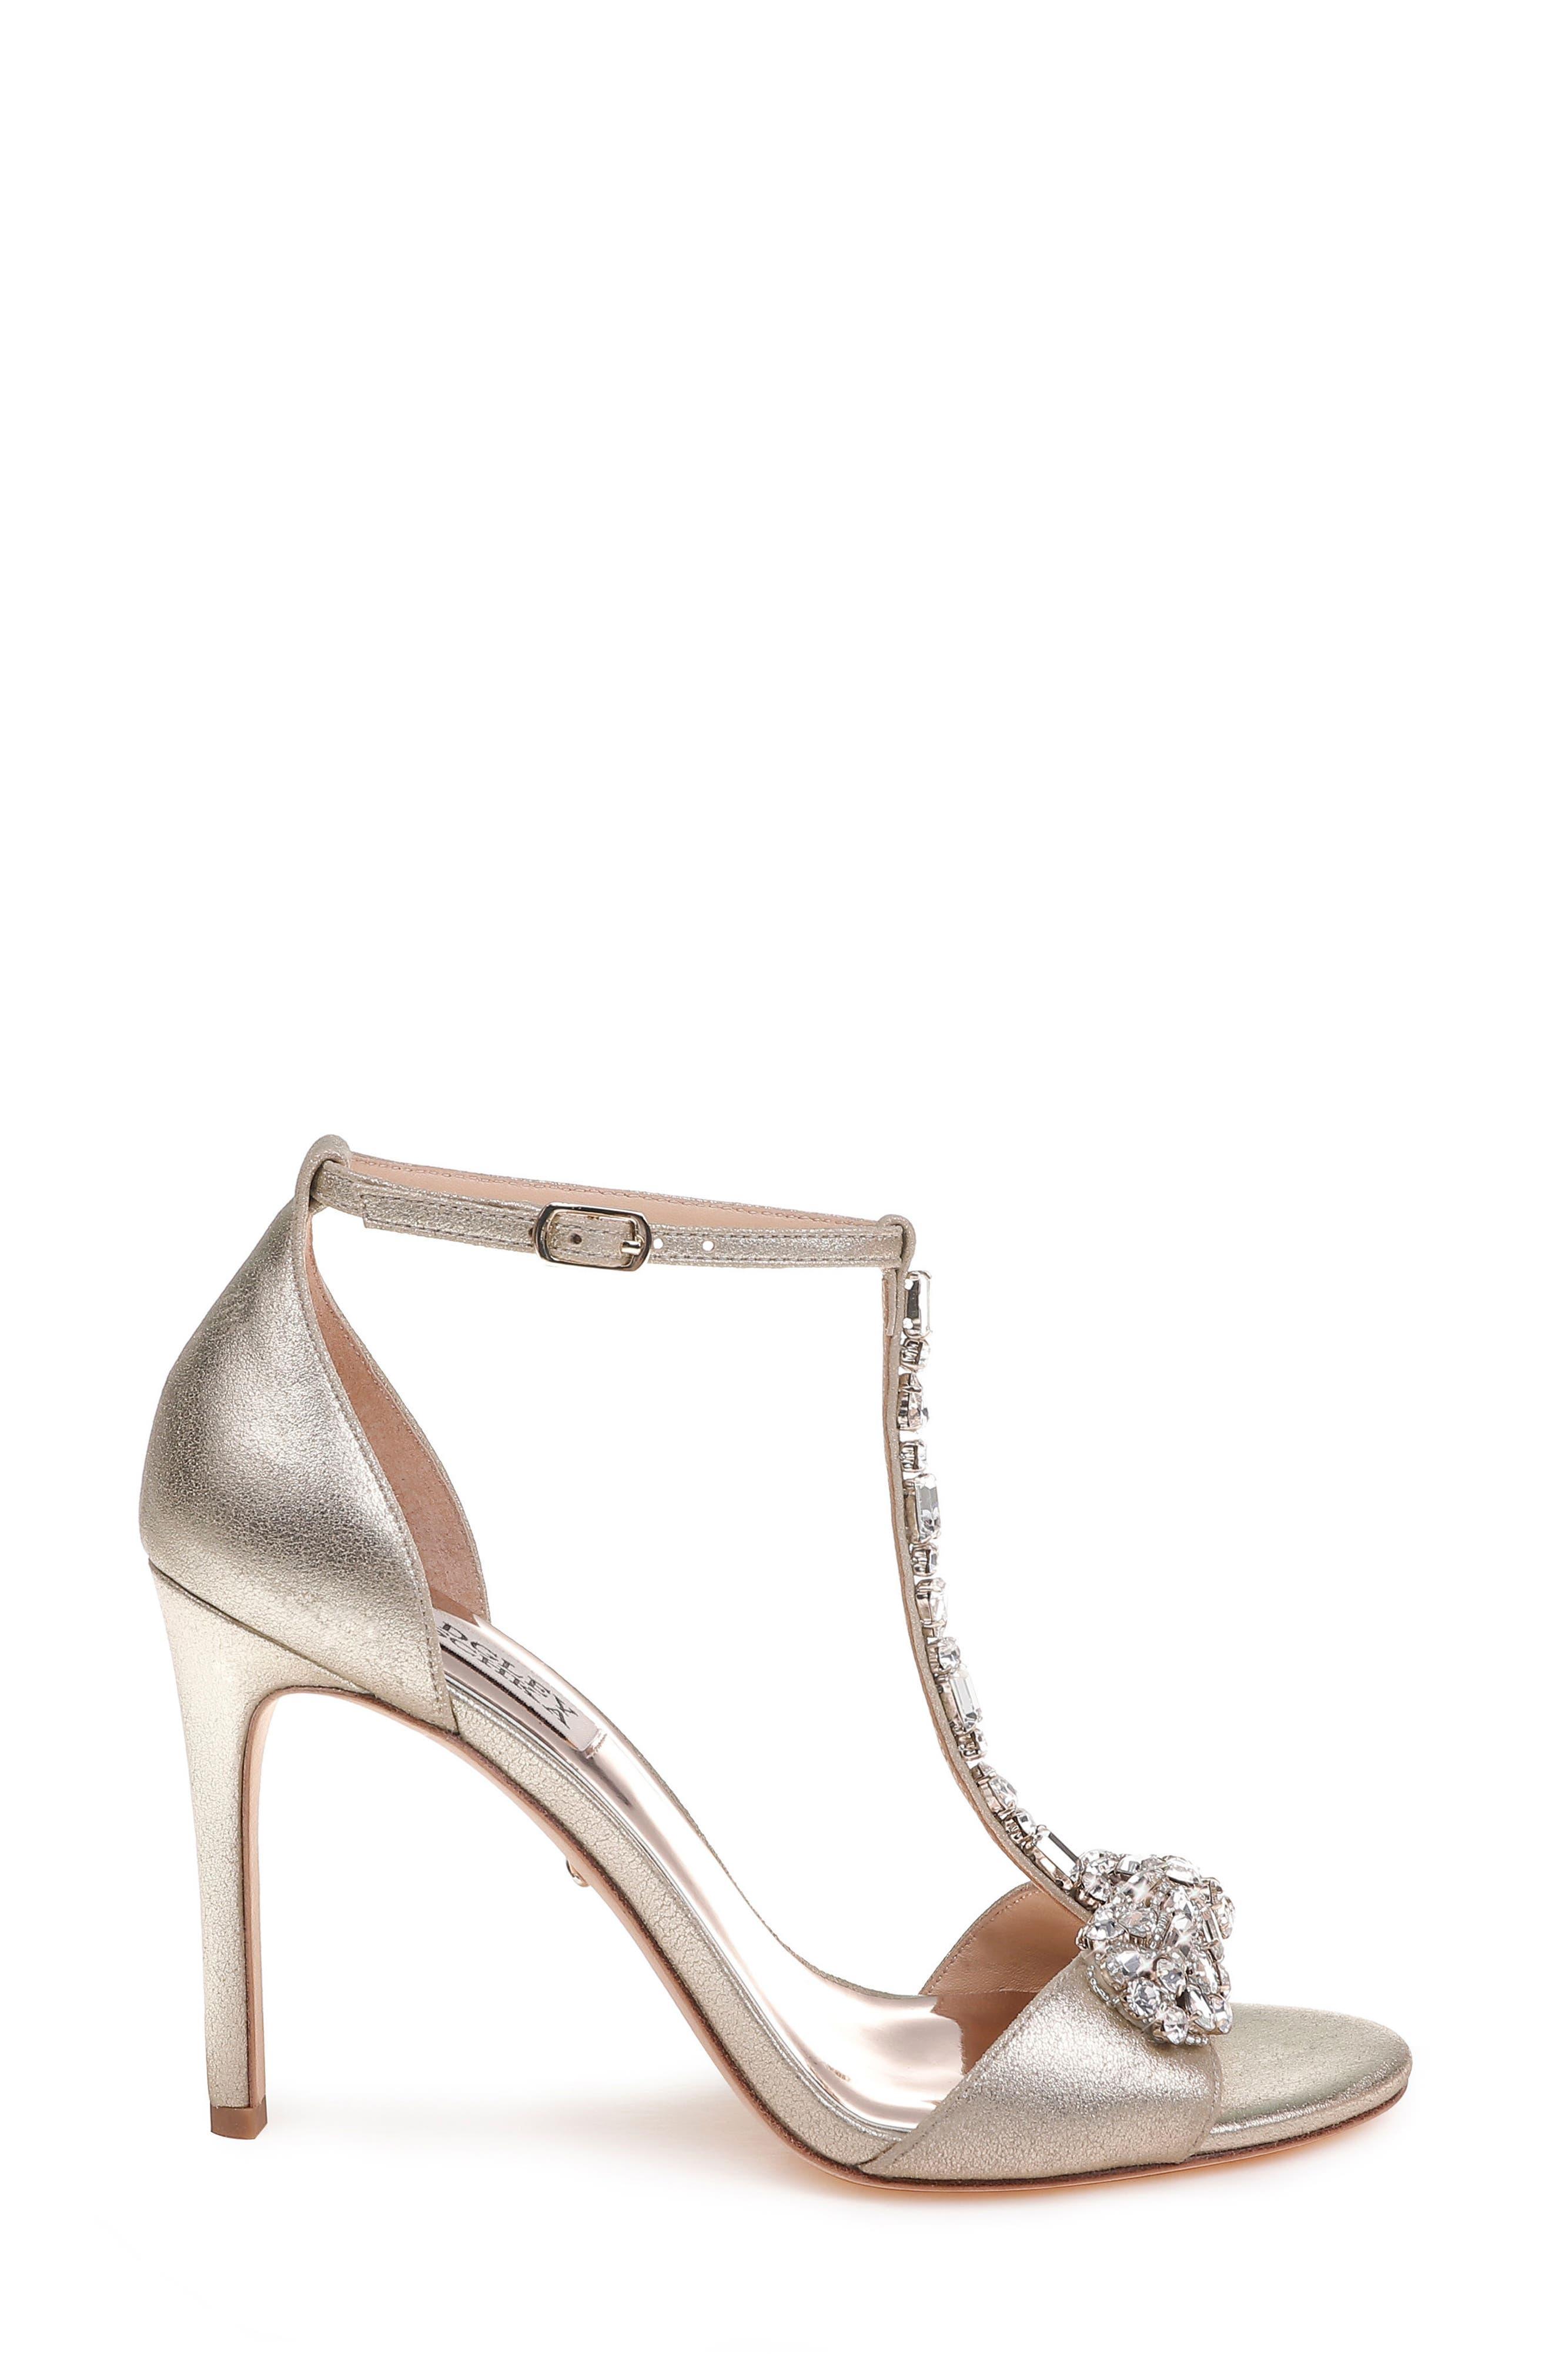 Pascale T-Strap Sandal,                             Alternate thumbnail 3, color,                             Platinum Metallic Suede